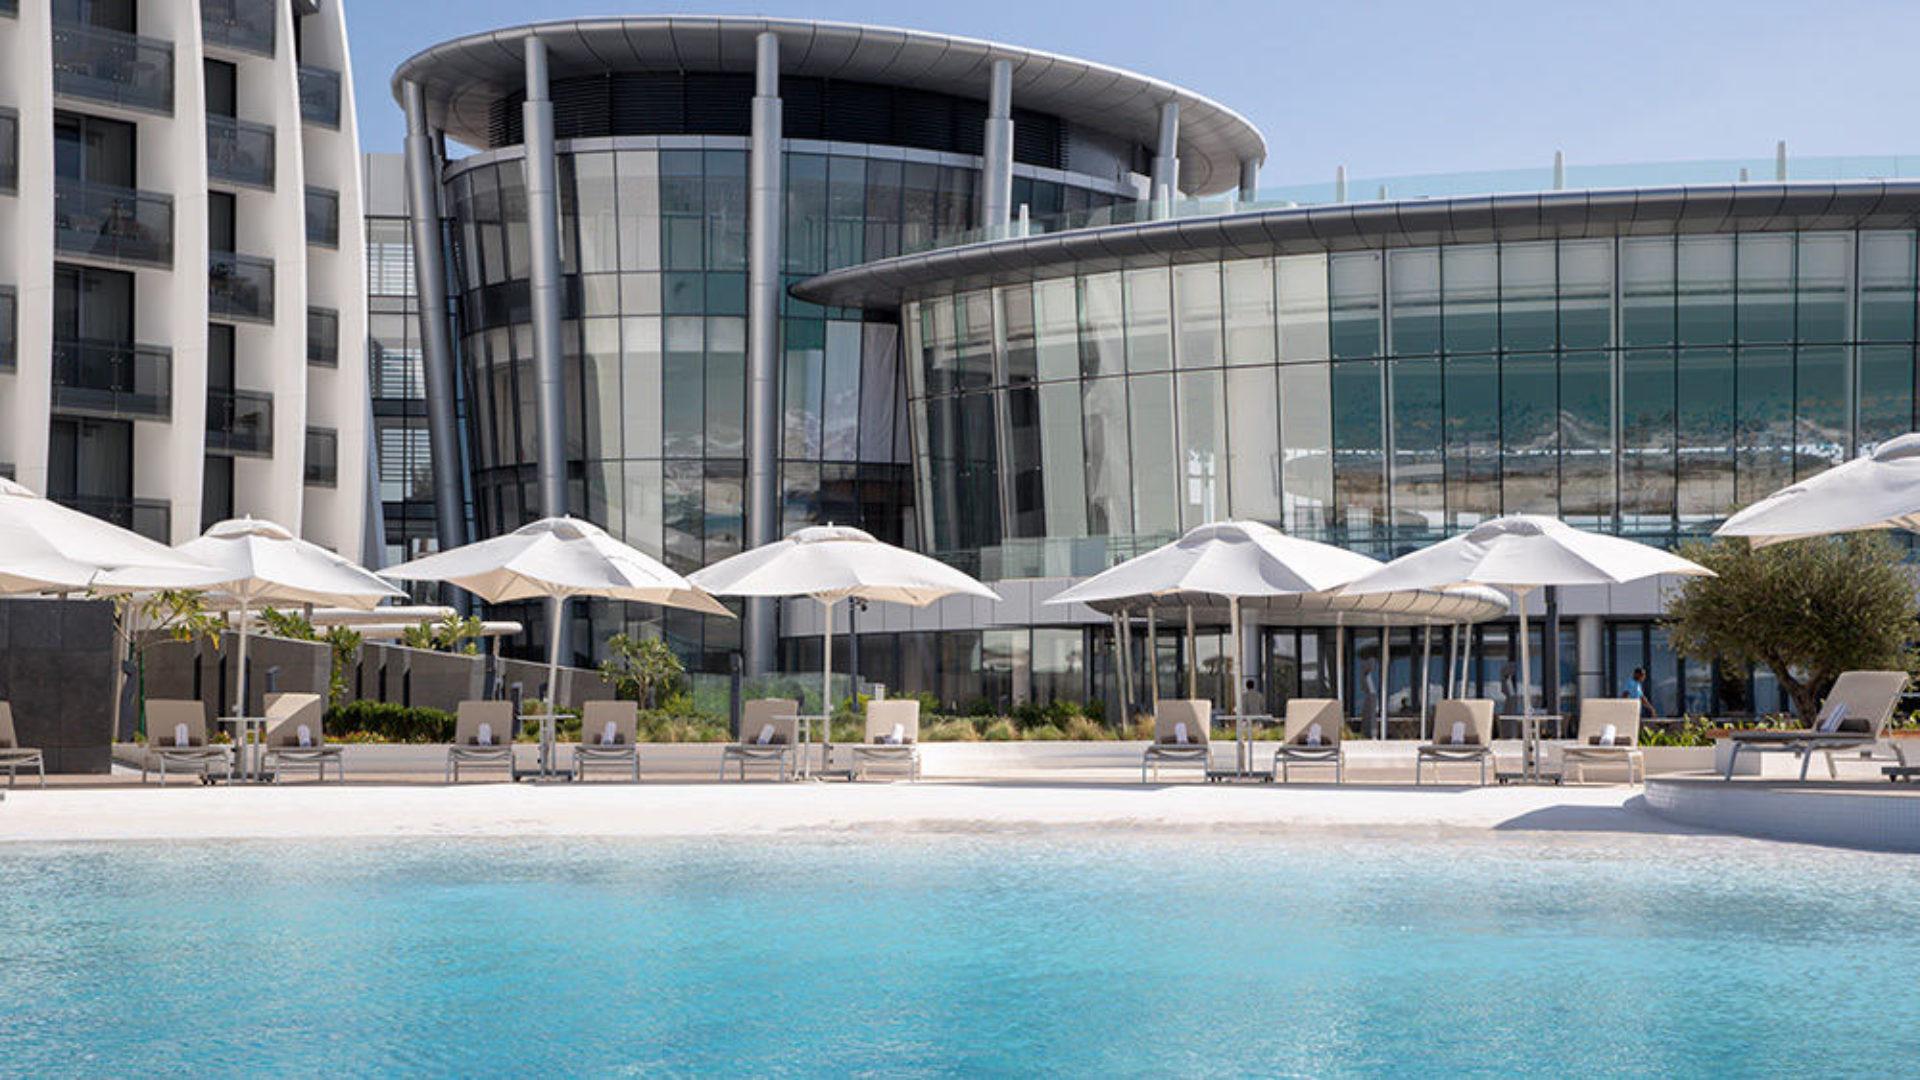 Outdoor pool at Jumeirah at Saadiyat Island